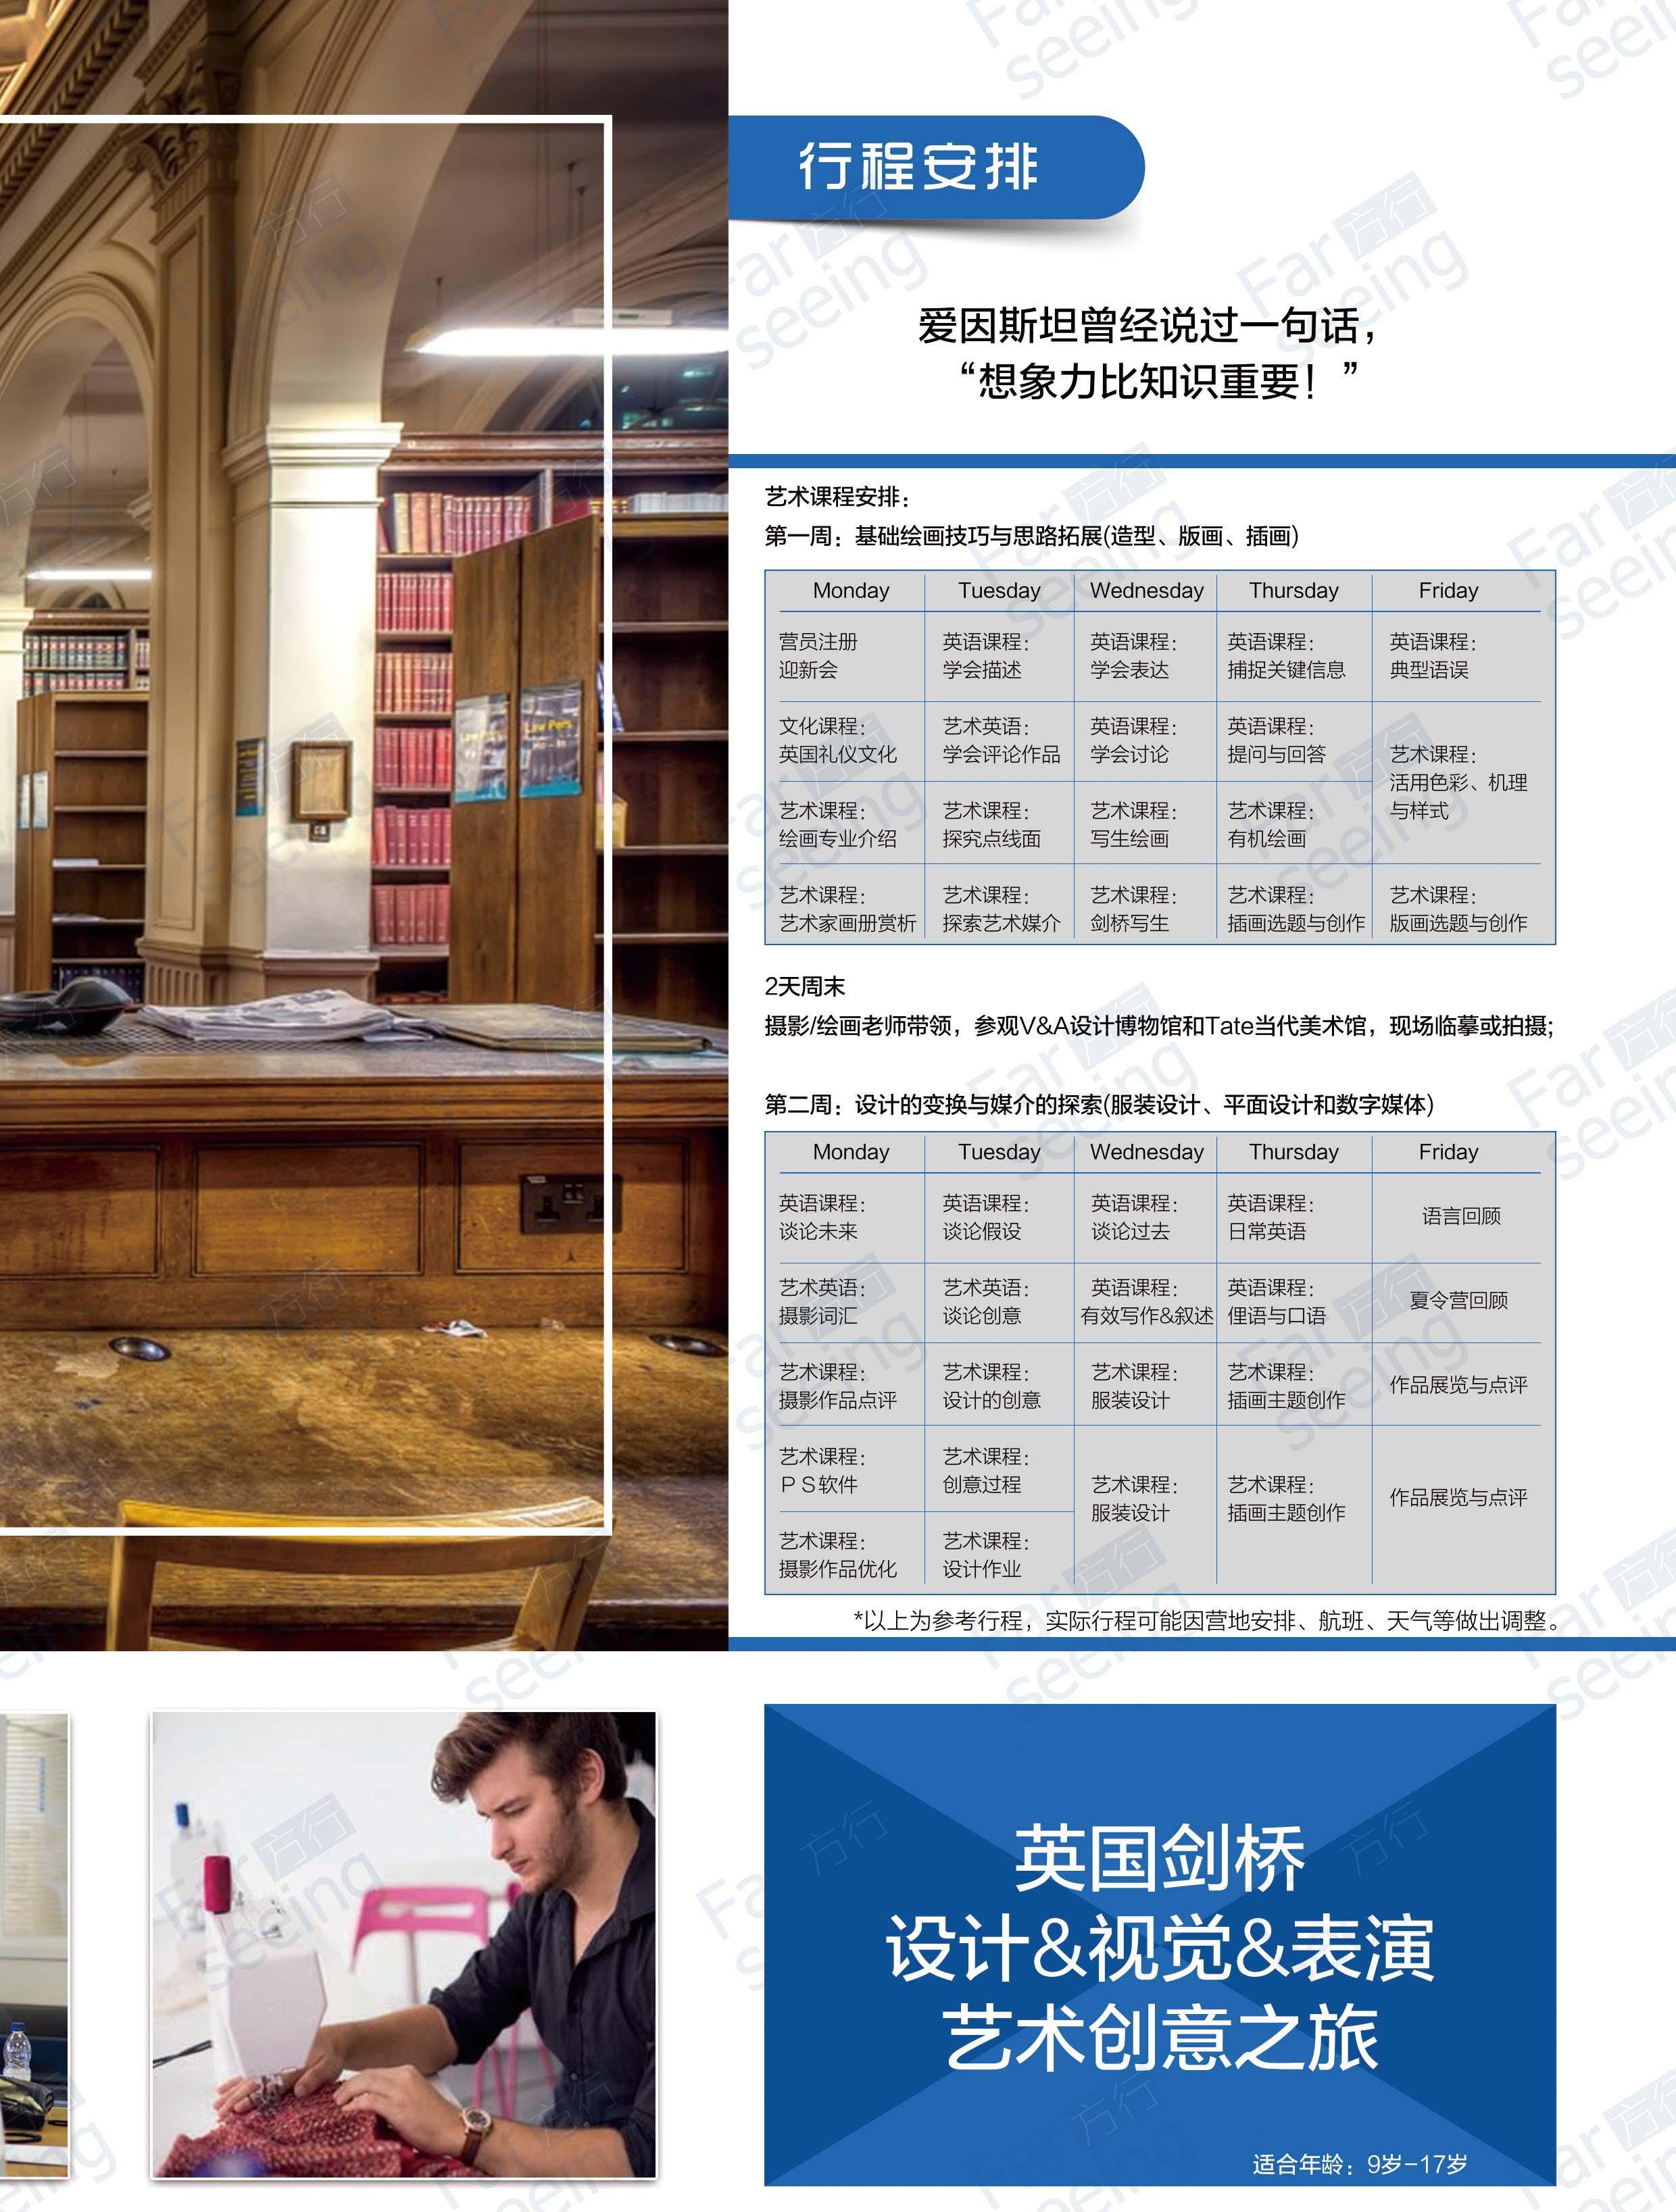 游学产品手册对外版_页面_33.jpg